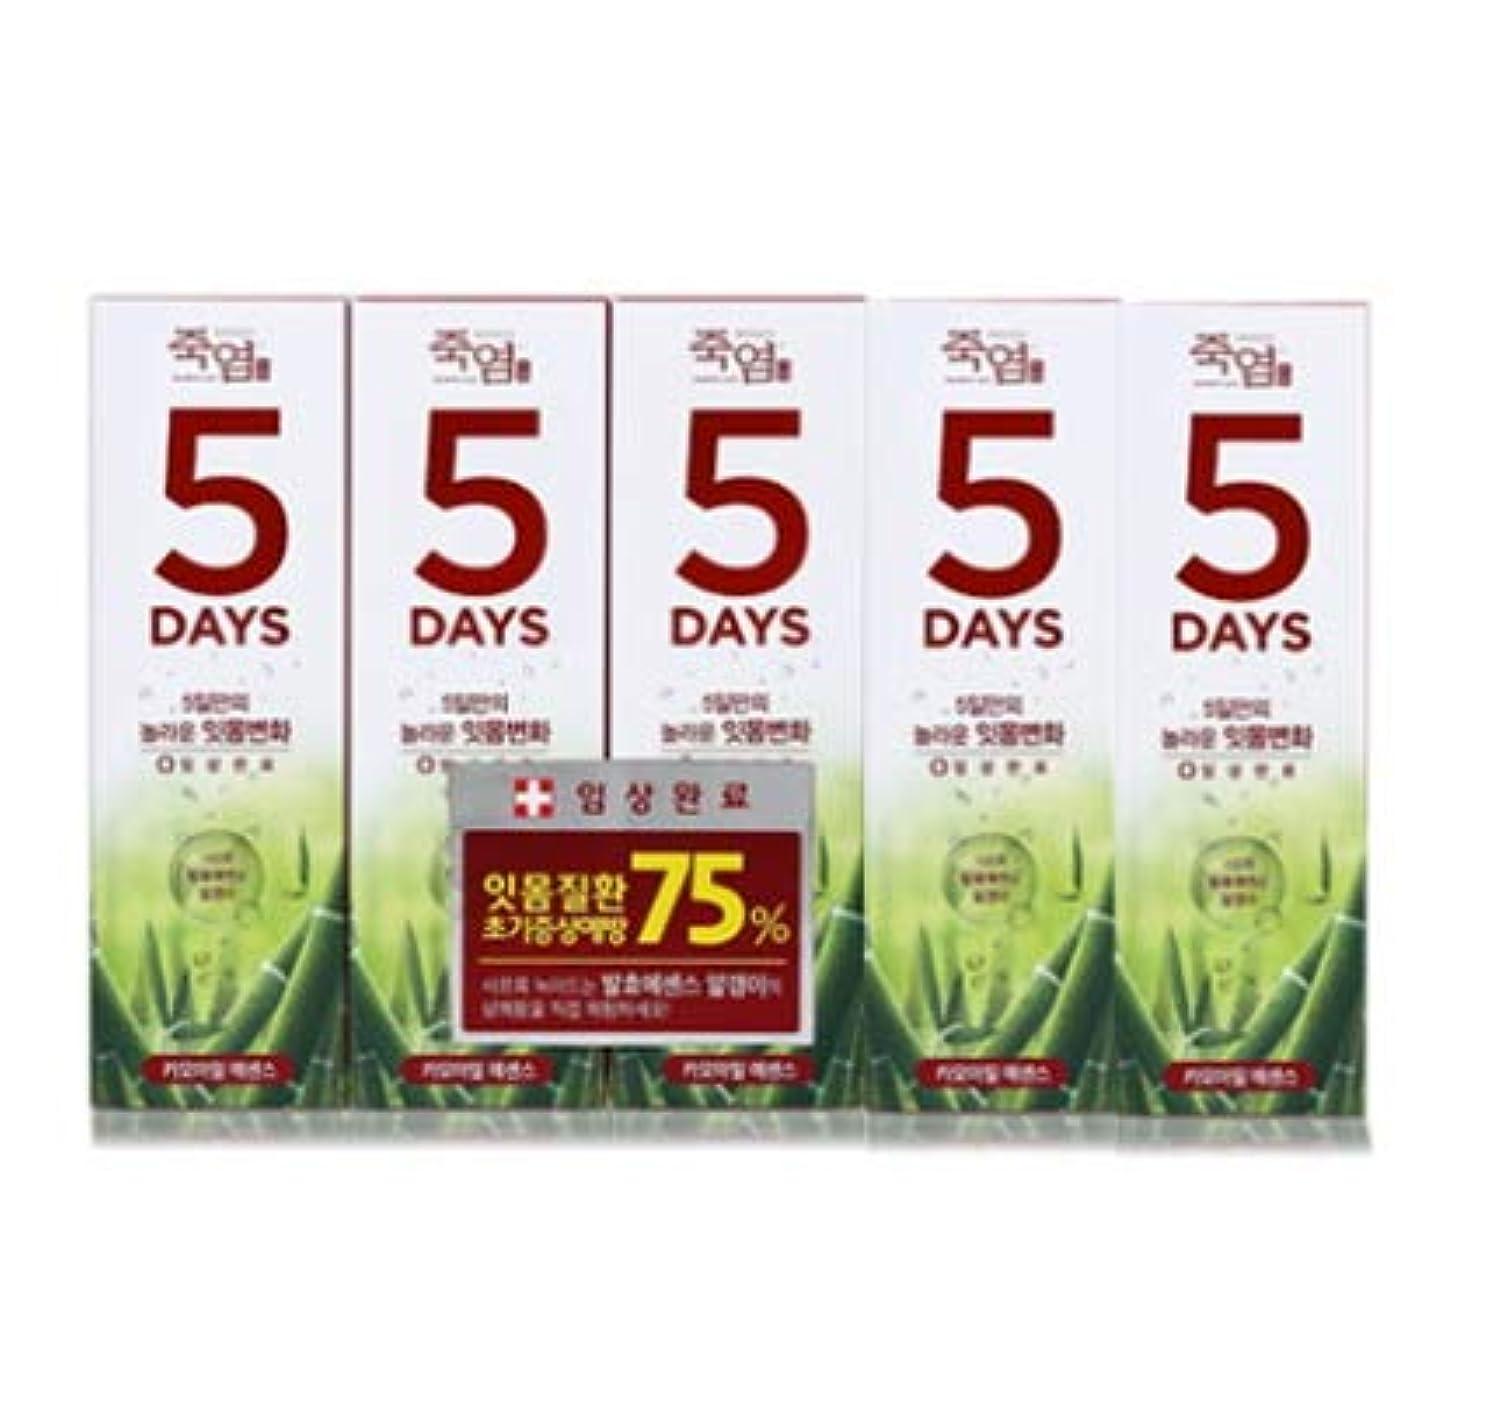 確認する民族主義金銭的[LG Care/LG生活健康]竹塩歯磨き粉5daysカモミールエッセンス100g x5ea/歯磨きセットスペシャル?リミテッドToothpaste Set Special Limited Korea(海外直送品)